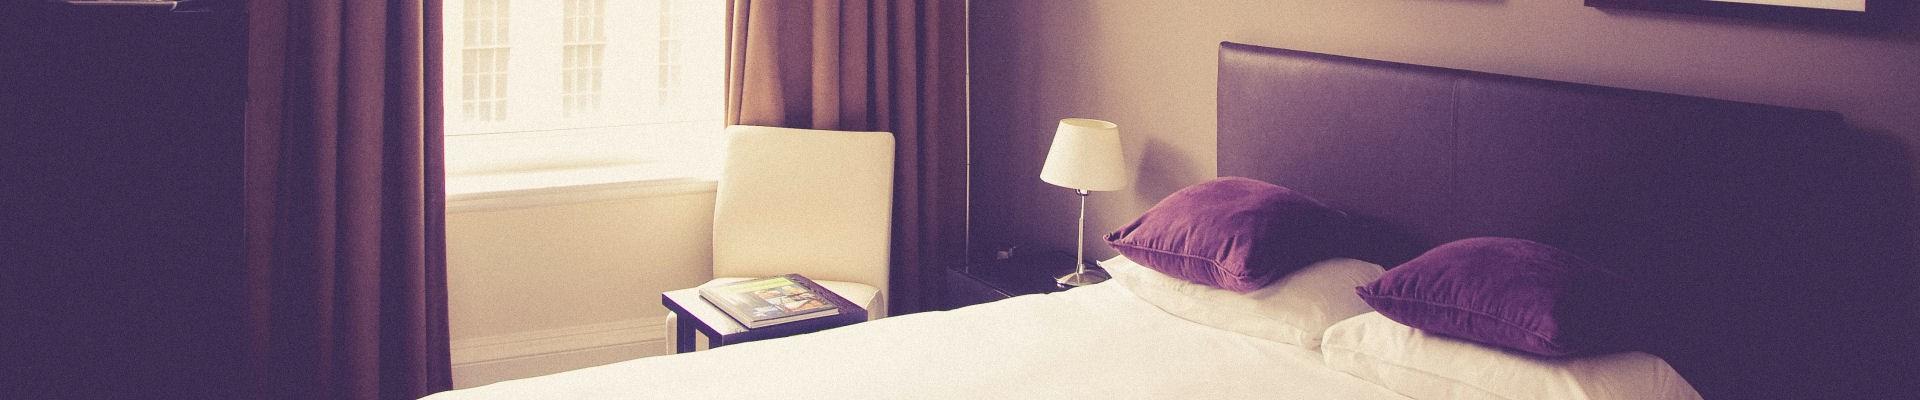 Où dormir à Martigues - Hôtel, Chambre d'hôtes et Camping